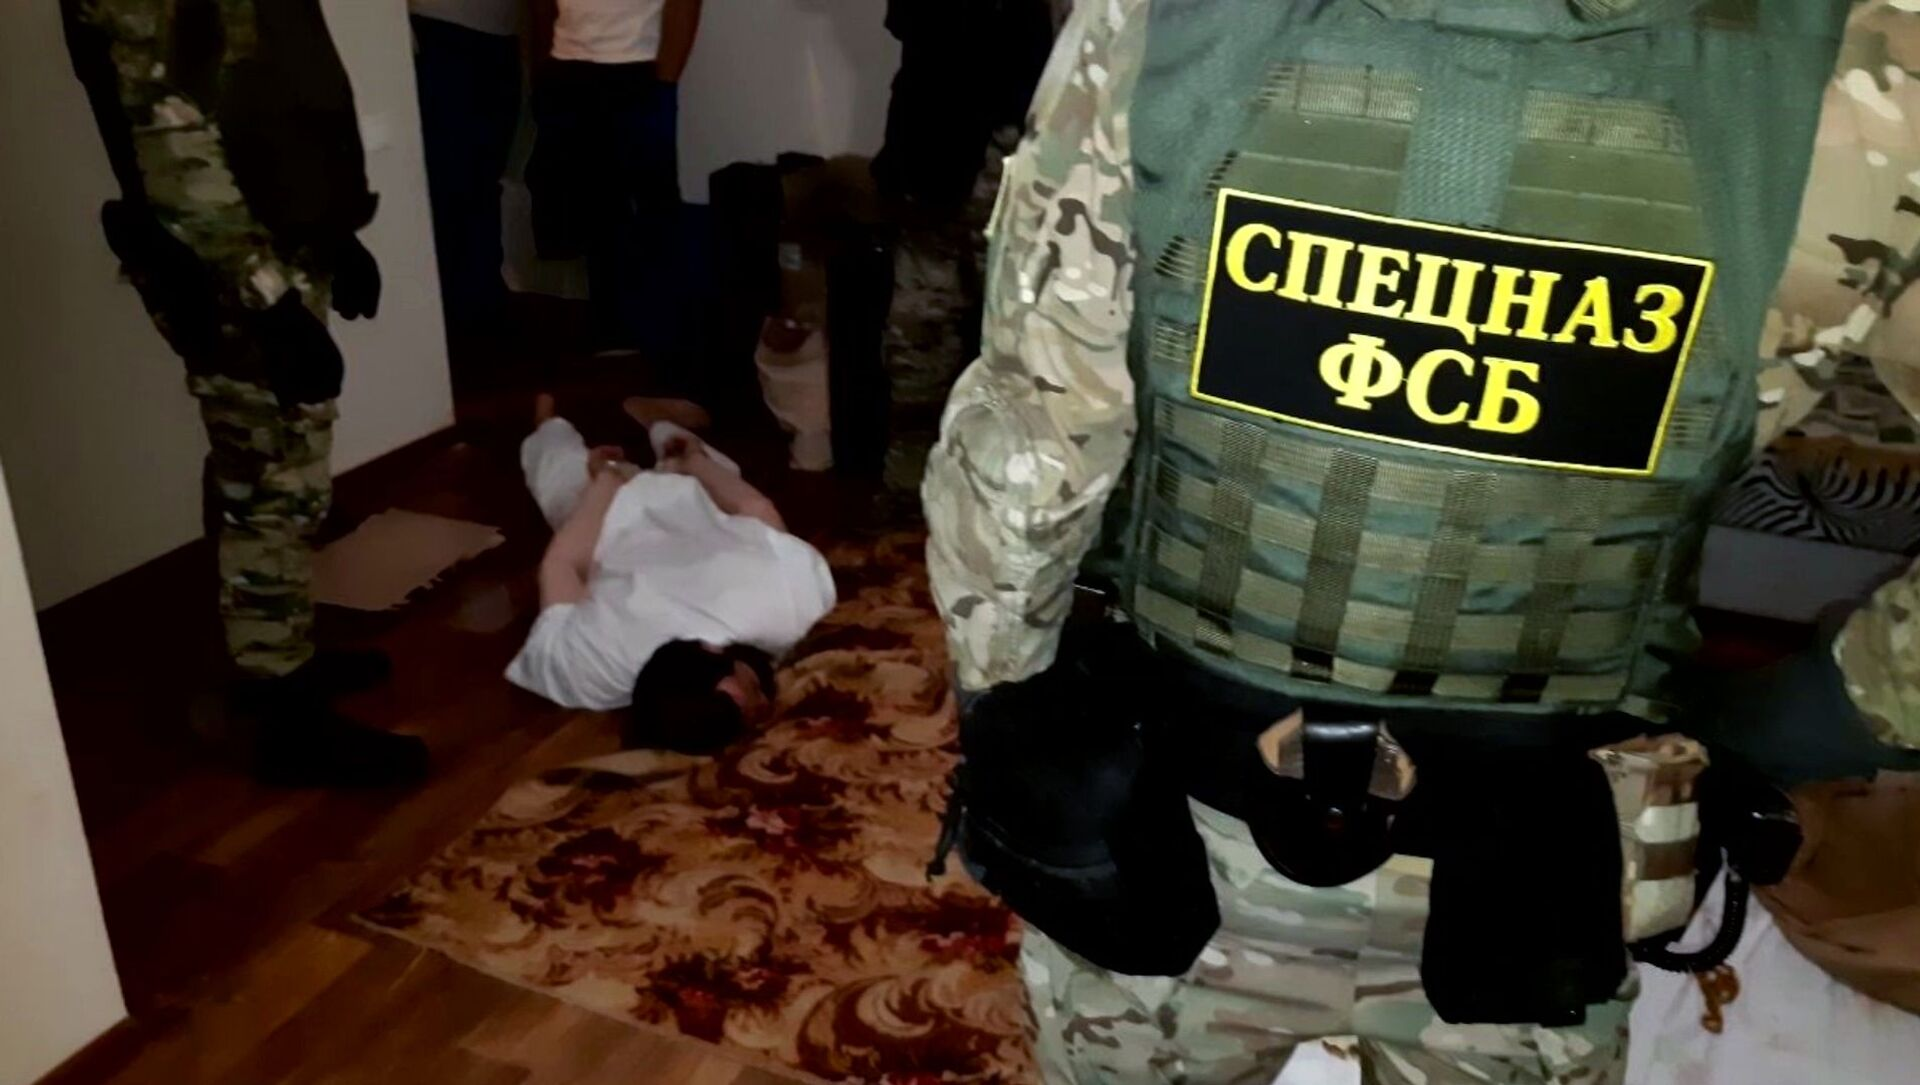 Zatrzymanie przez pracowników FSB Federacji Rosyjskiej w trakcie działań operacyjnych osób zaangażowanych w działalność zakazanej w Federacji Rosyjskiej międzynarodowej organizacji ekstremistycznej Tablighi Jamaat w obwodzie wołgogradzkim - Sputnik Polska, 1920, 15.04.2021